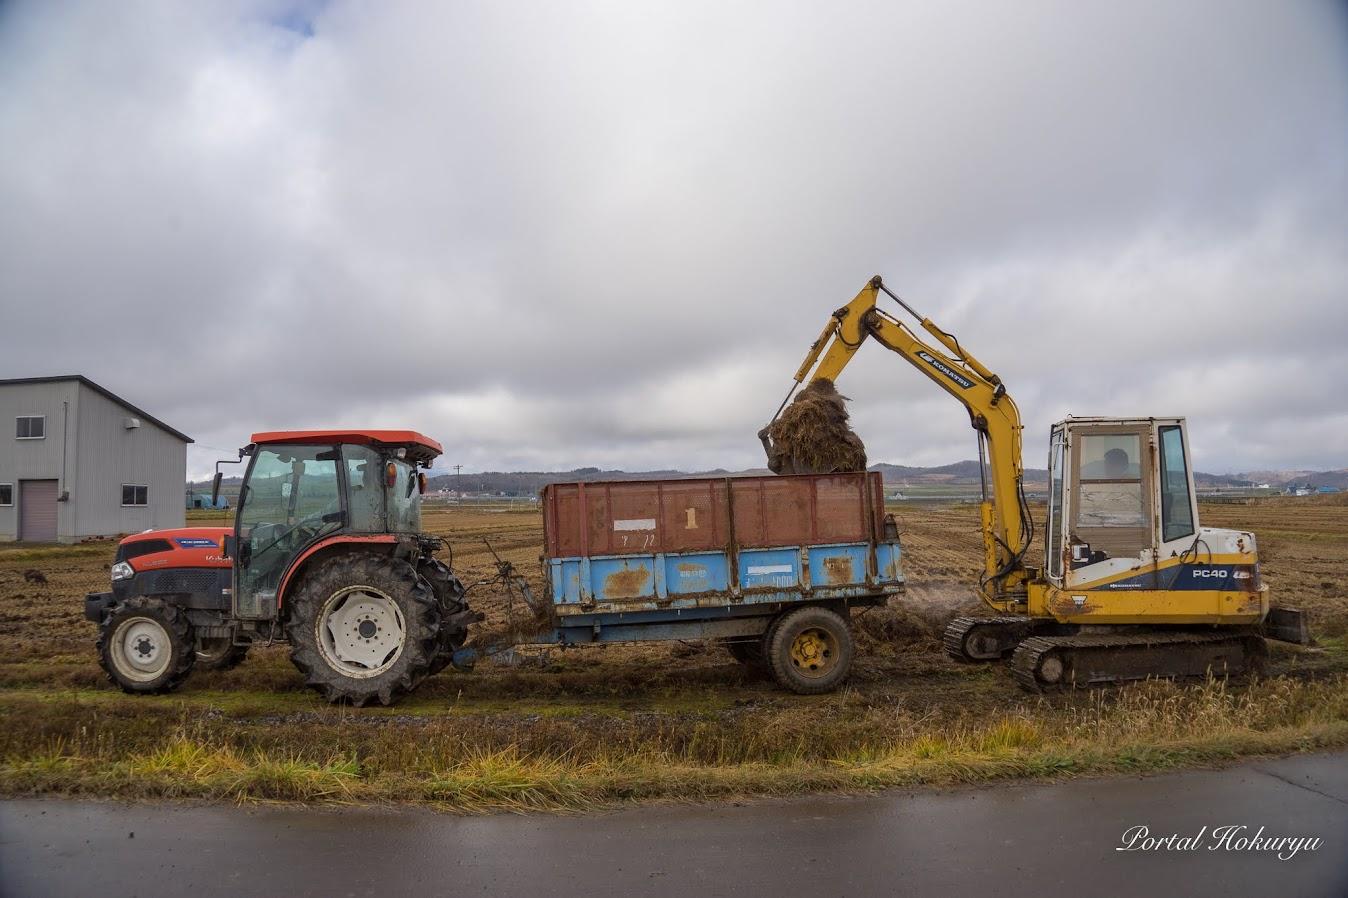 運搬用ダンプ式トレーラーはトラクターで牽引します